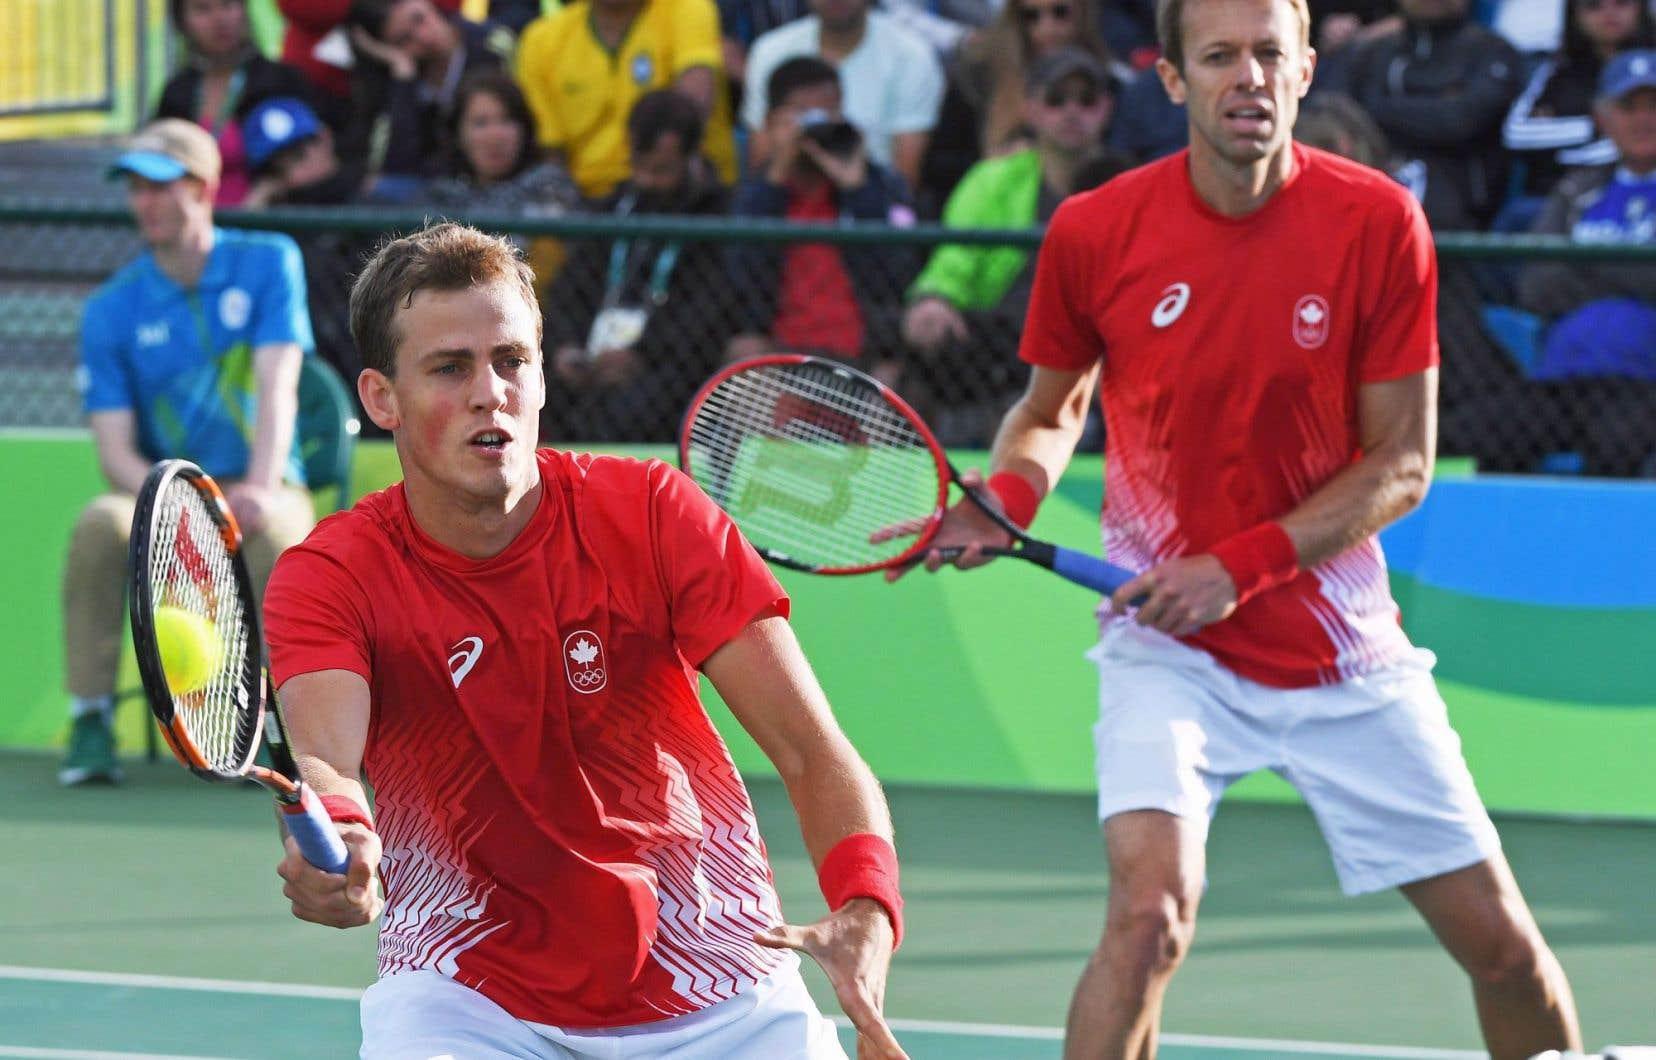 Vasek Pospisil, à gauche, avec son coéquipier Daniel Nestor dans un match de double lors des Jeux de Rio.